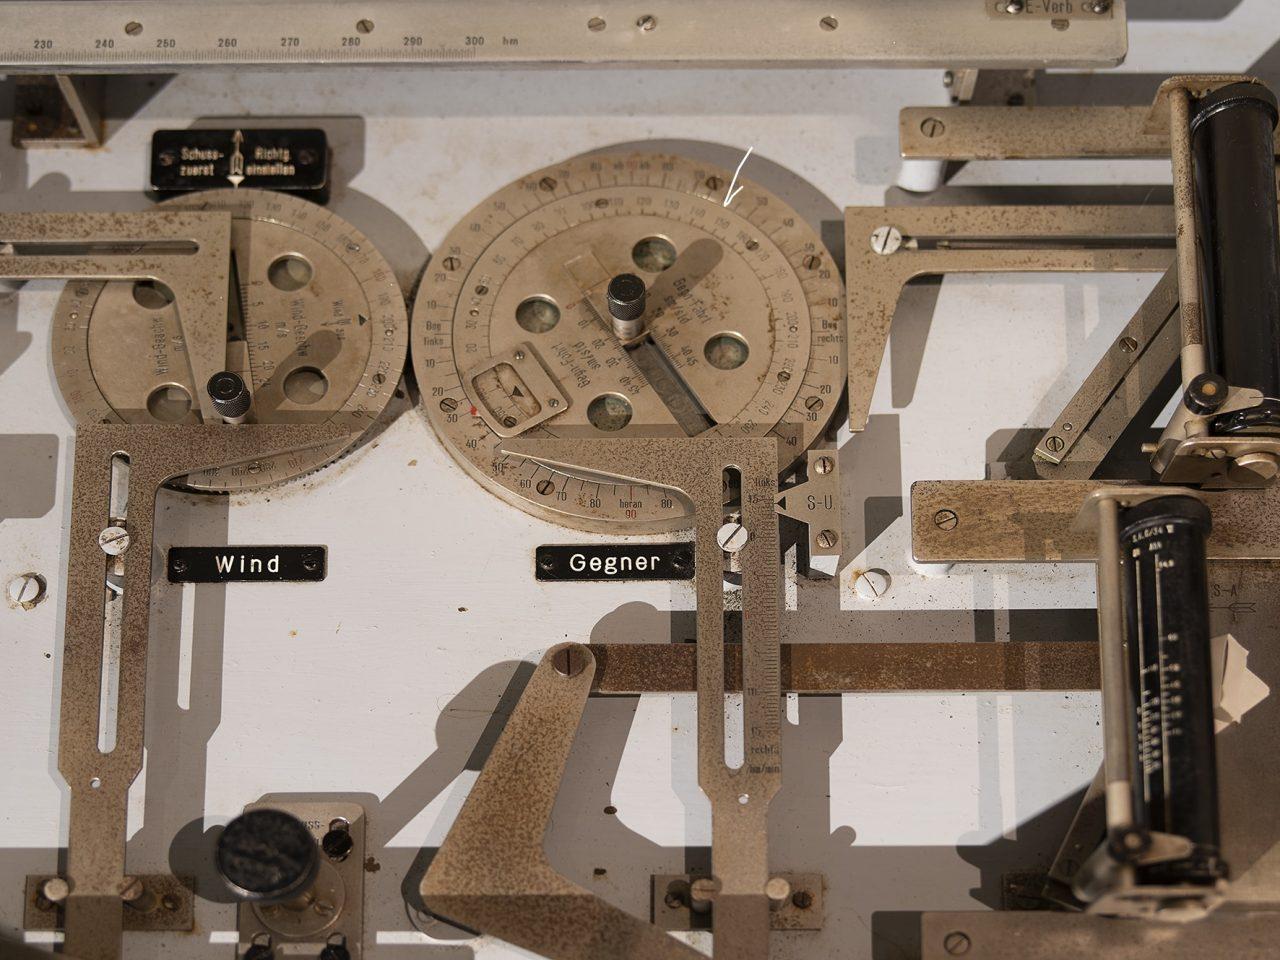 Detalj fra utstilling på Grønsvik kystfort, Lurøy